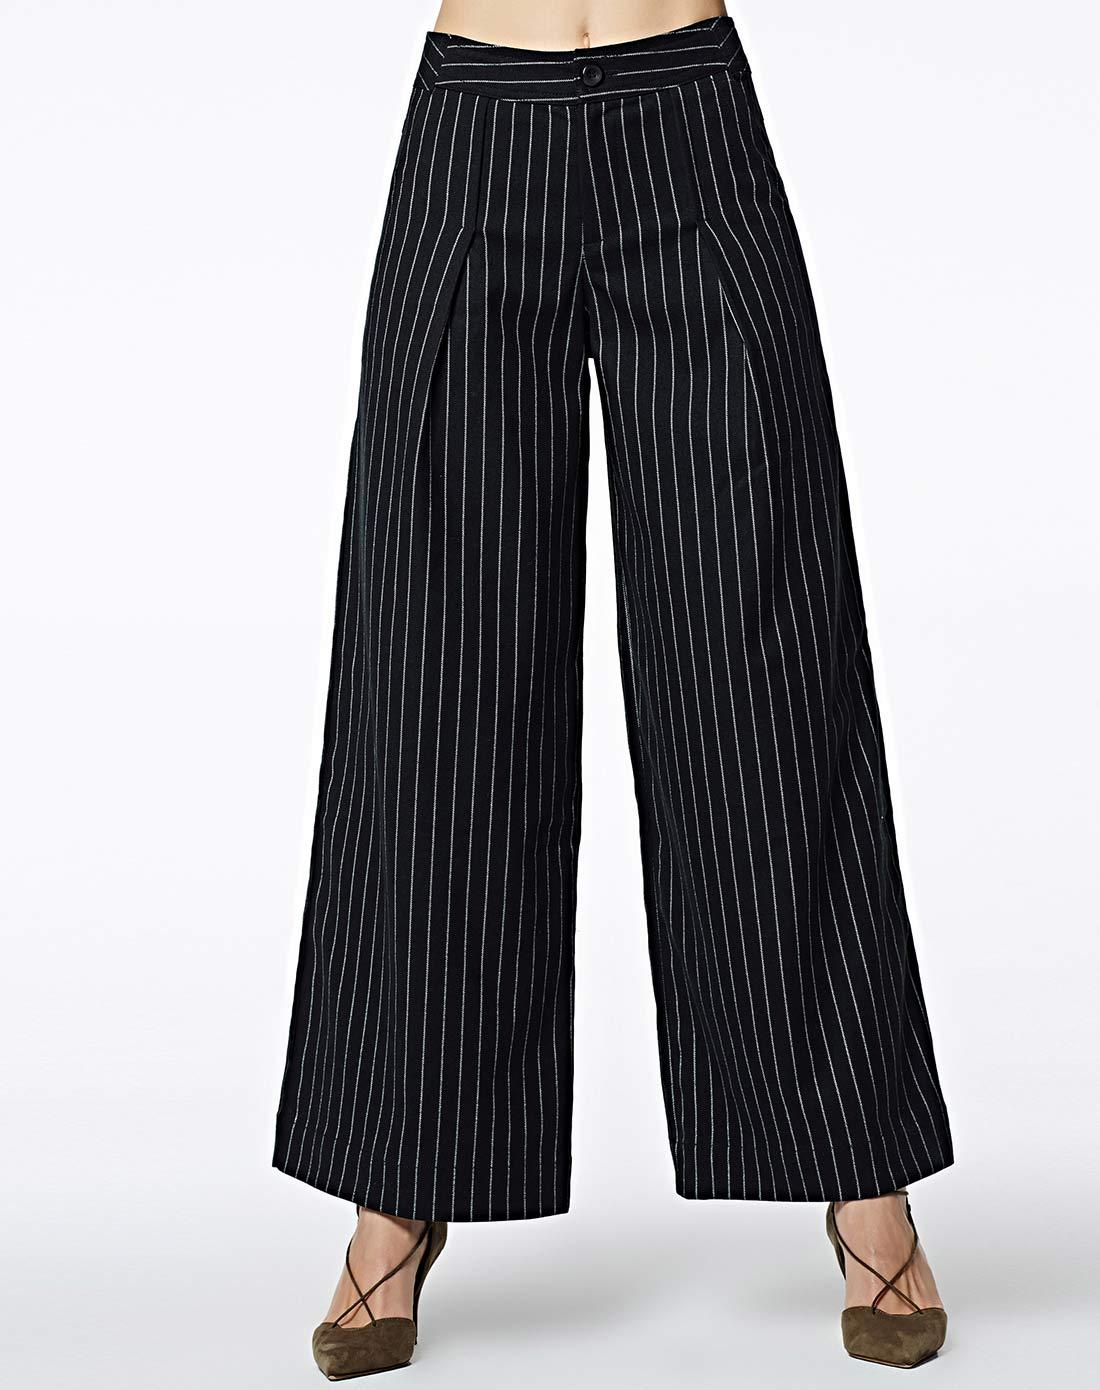 女款黑条纹阔腿裤